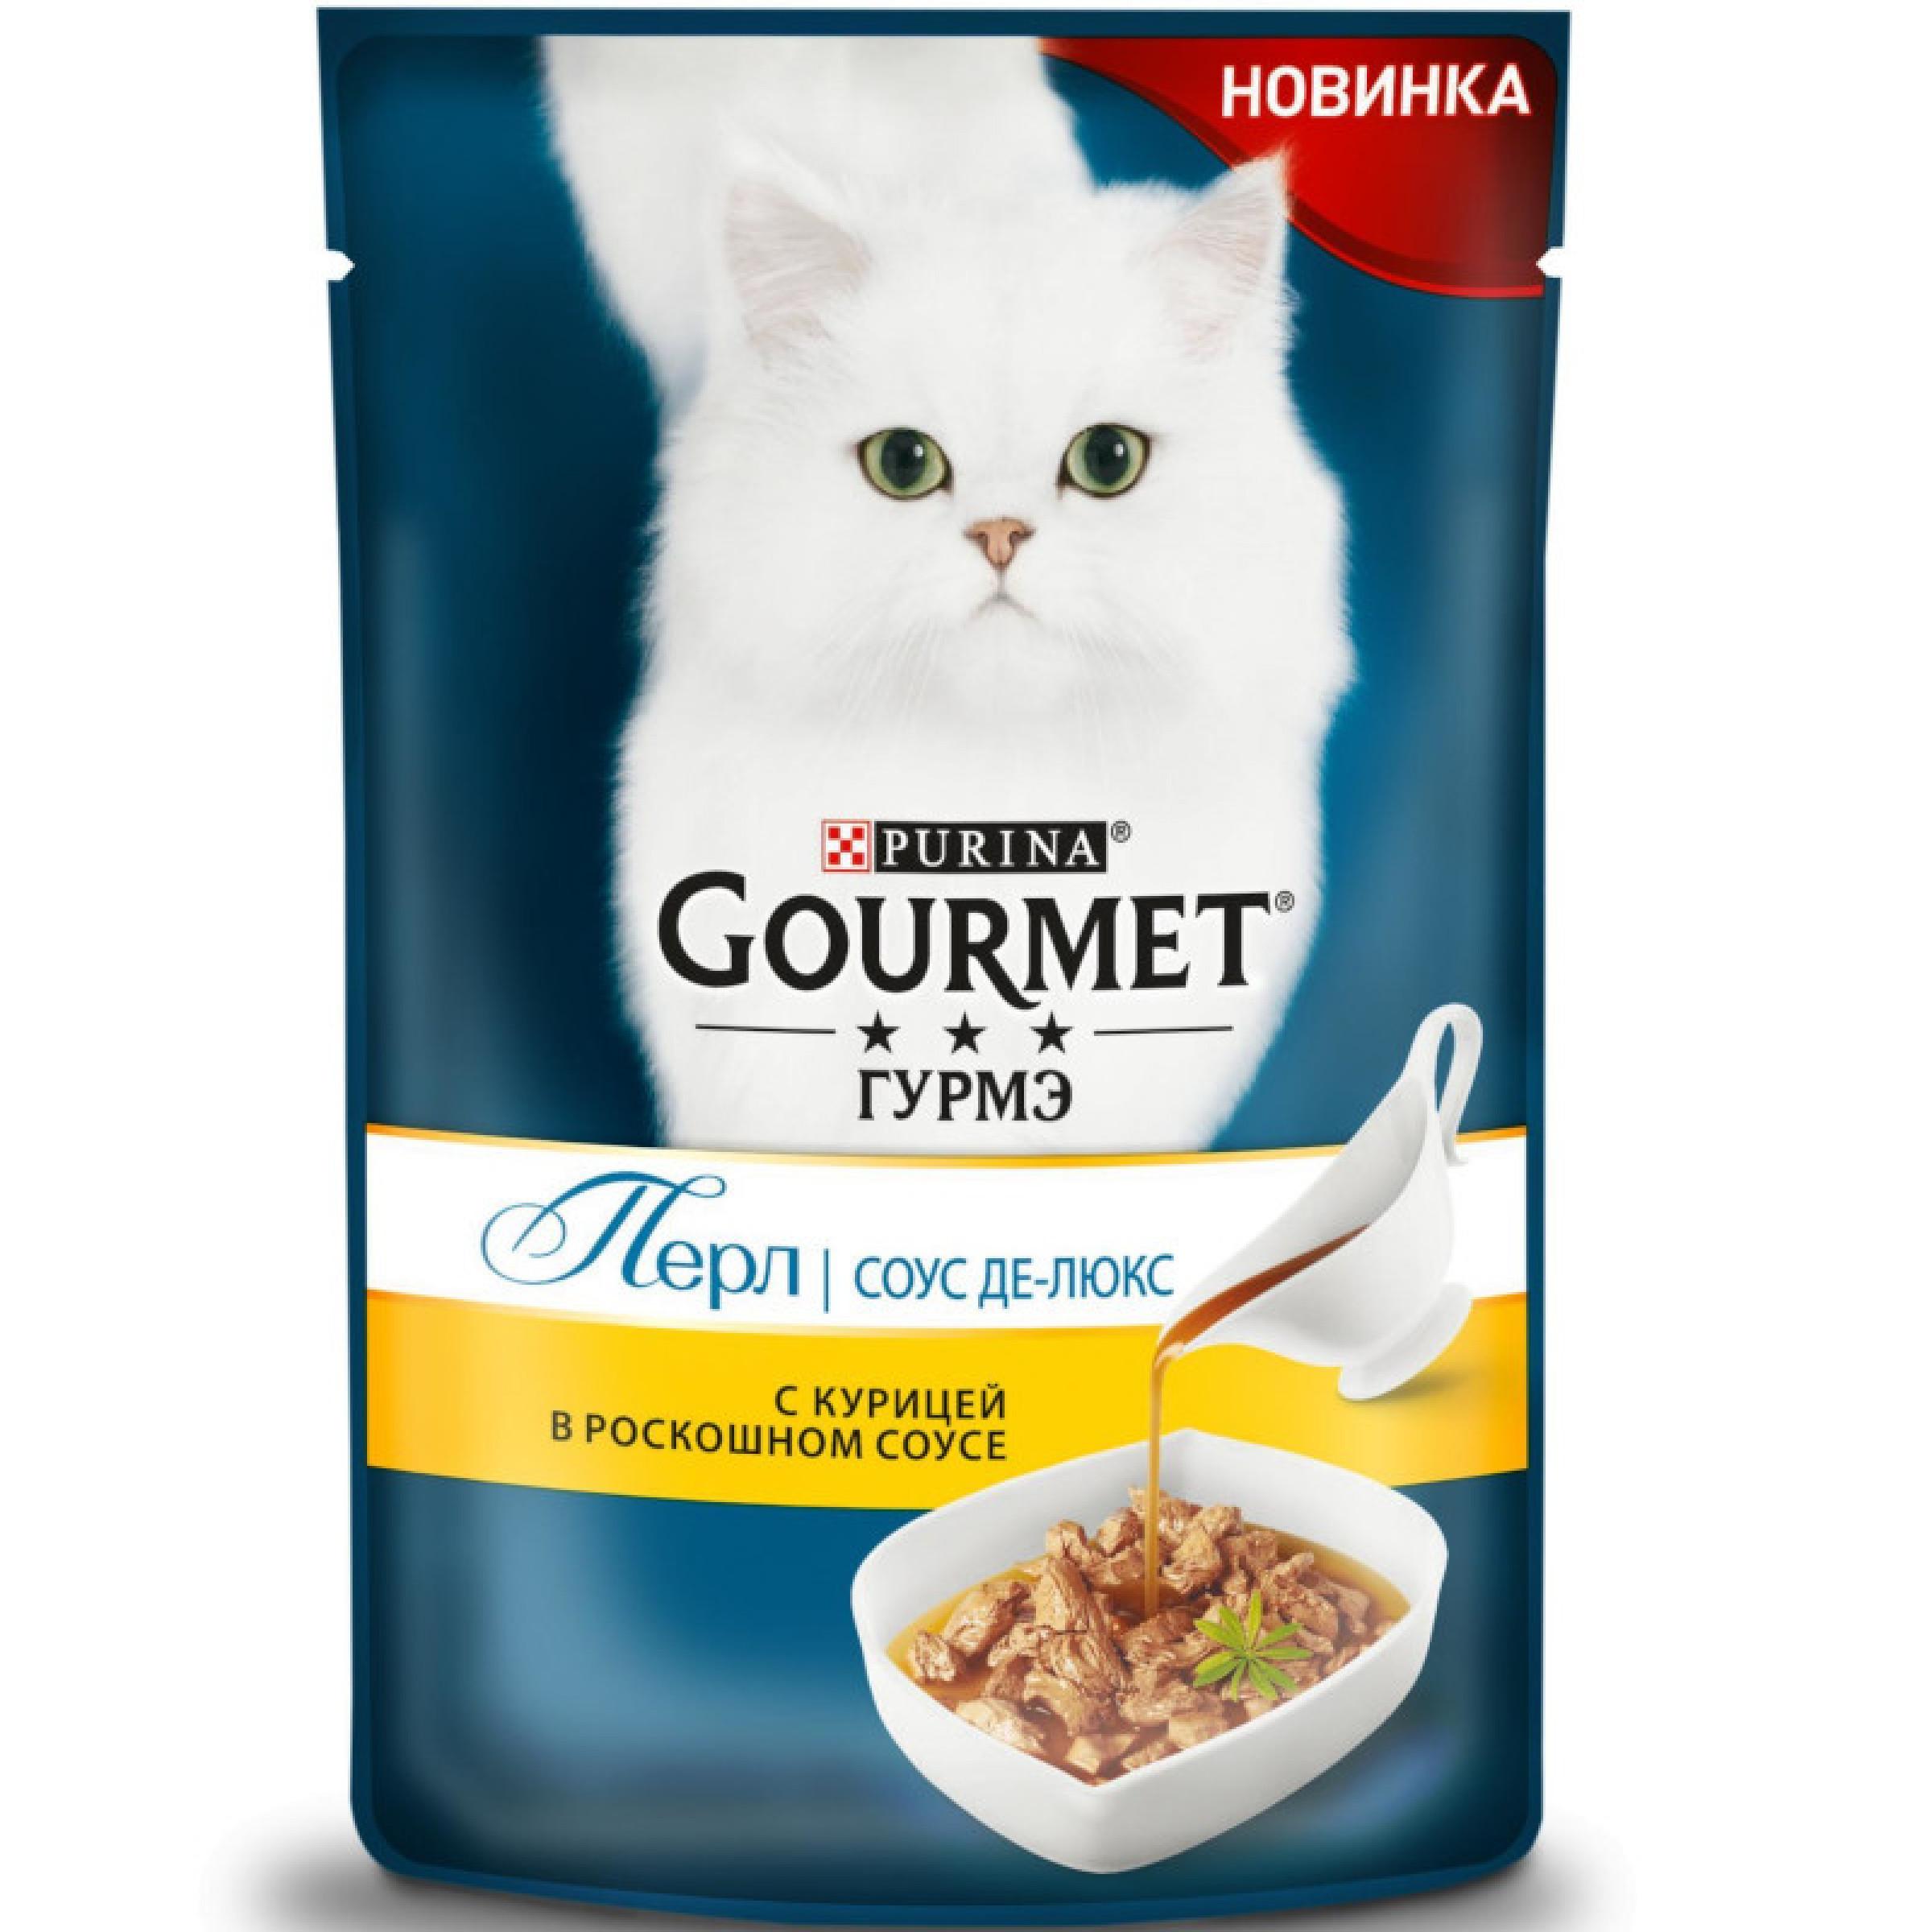 Влажный корм Purina Gourmet Гурмэ Голд Соус Де-люкс для кошек с курицей в роскошном соусе, 85 гр